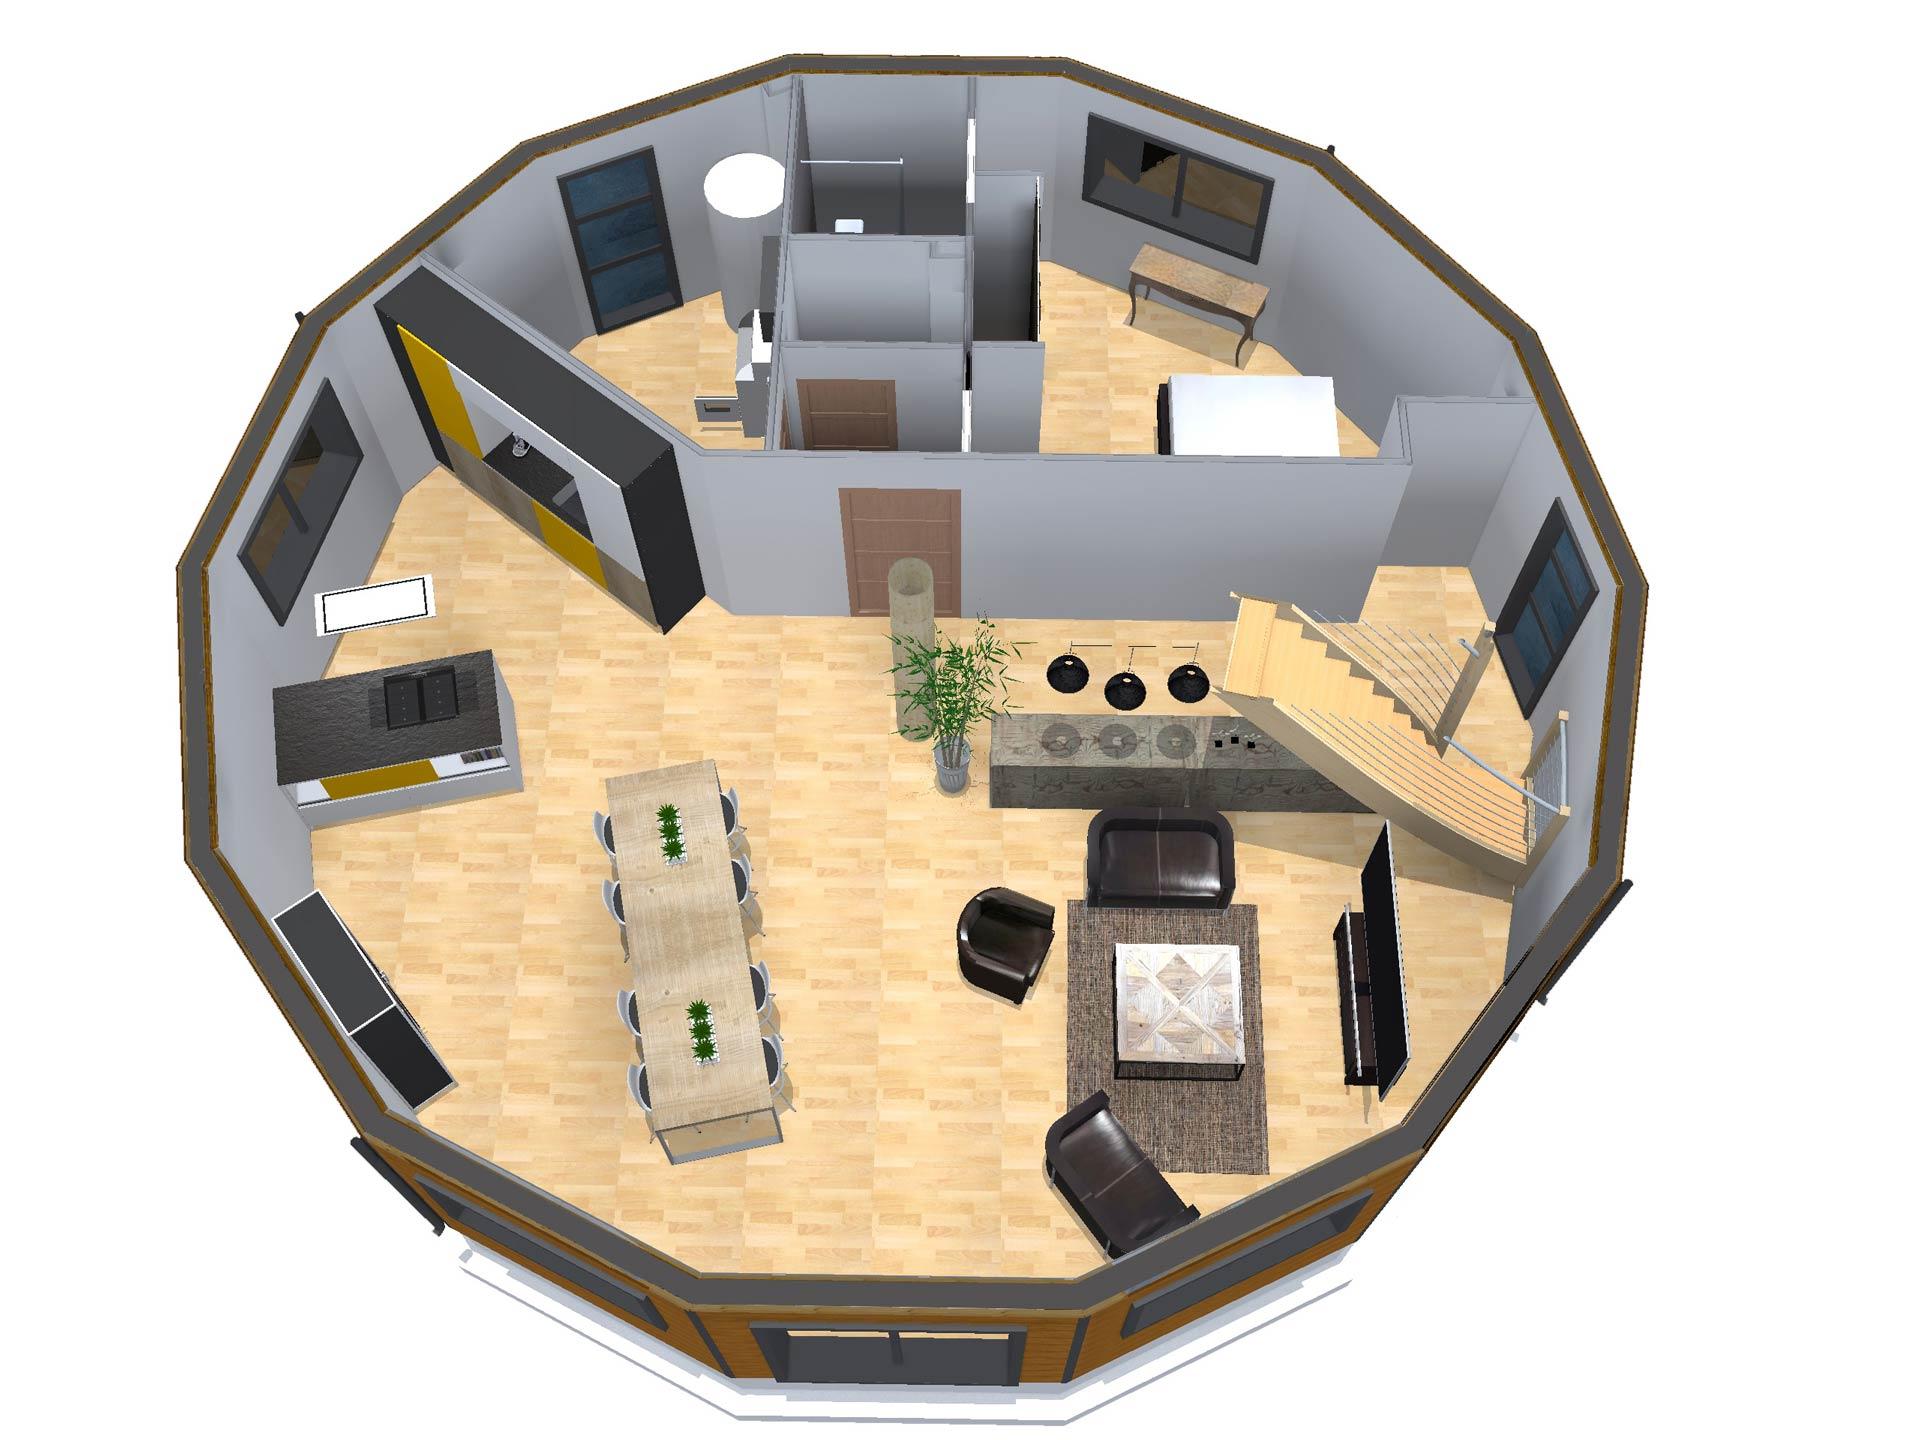 Maison en bois livree montee maison moderne for Interieur de ronde